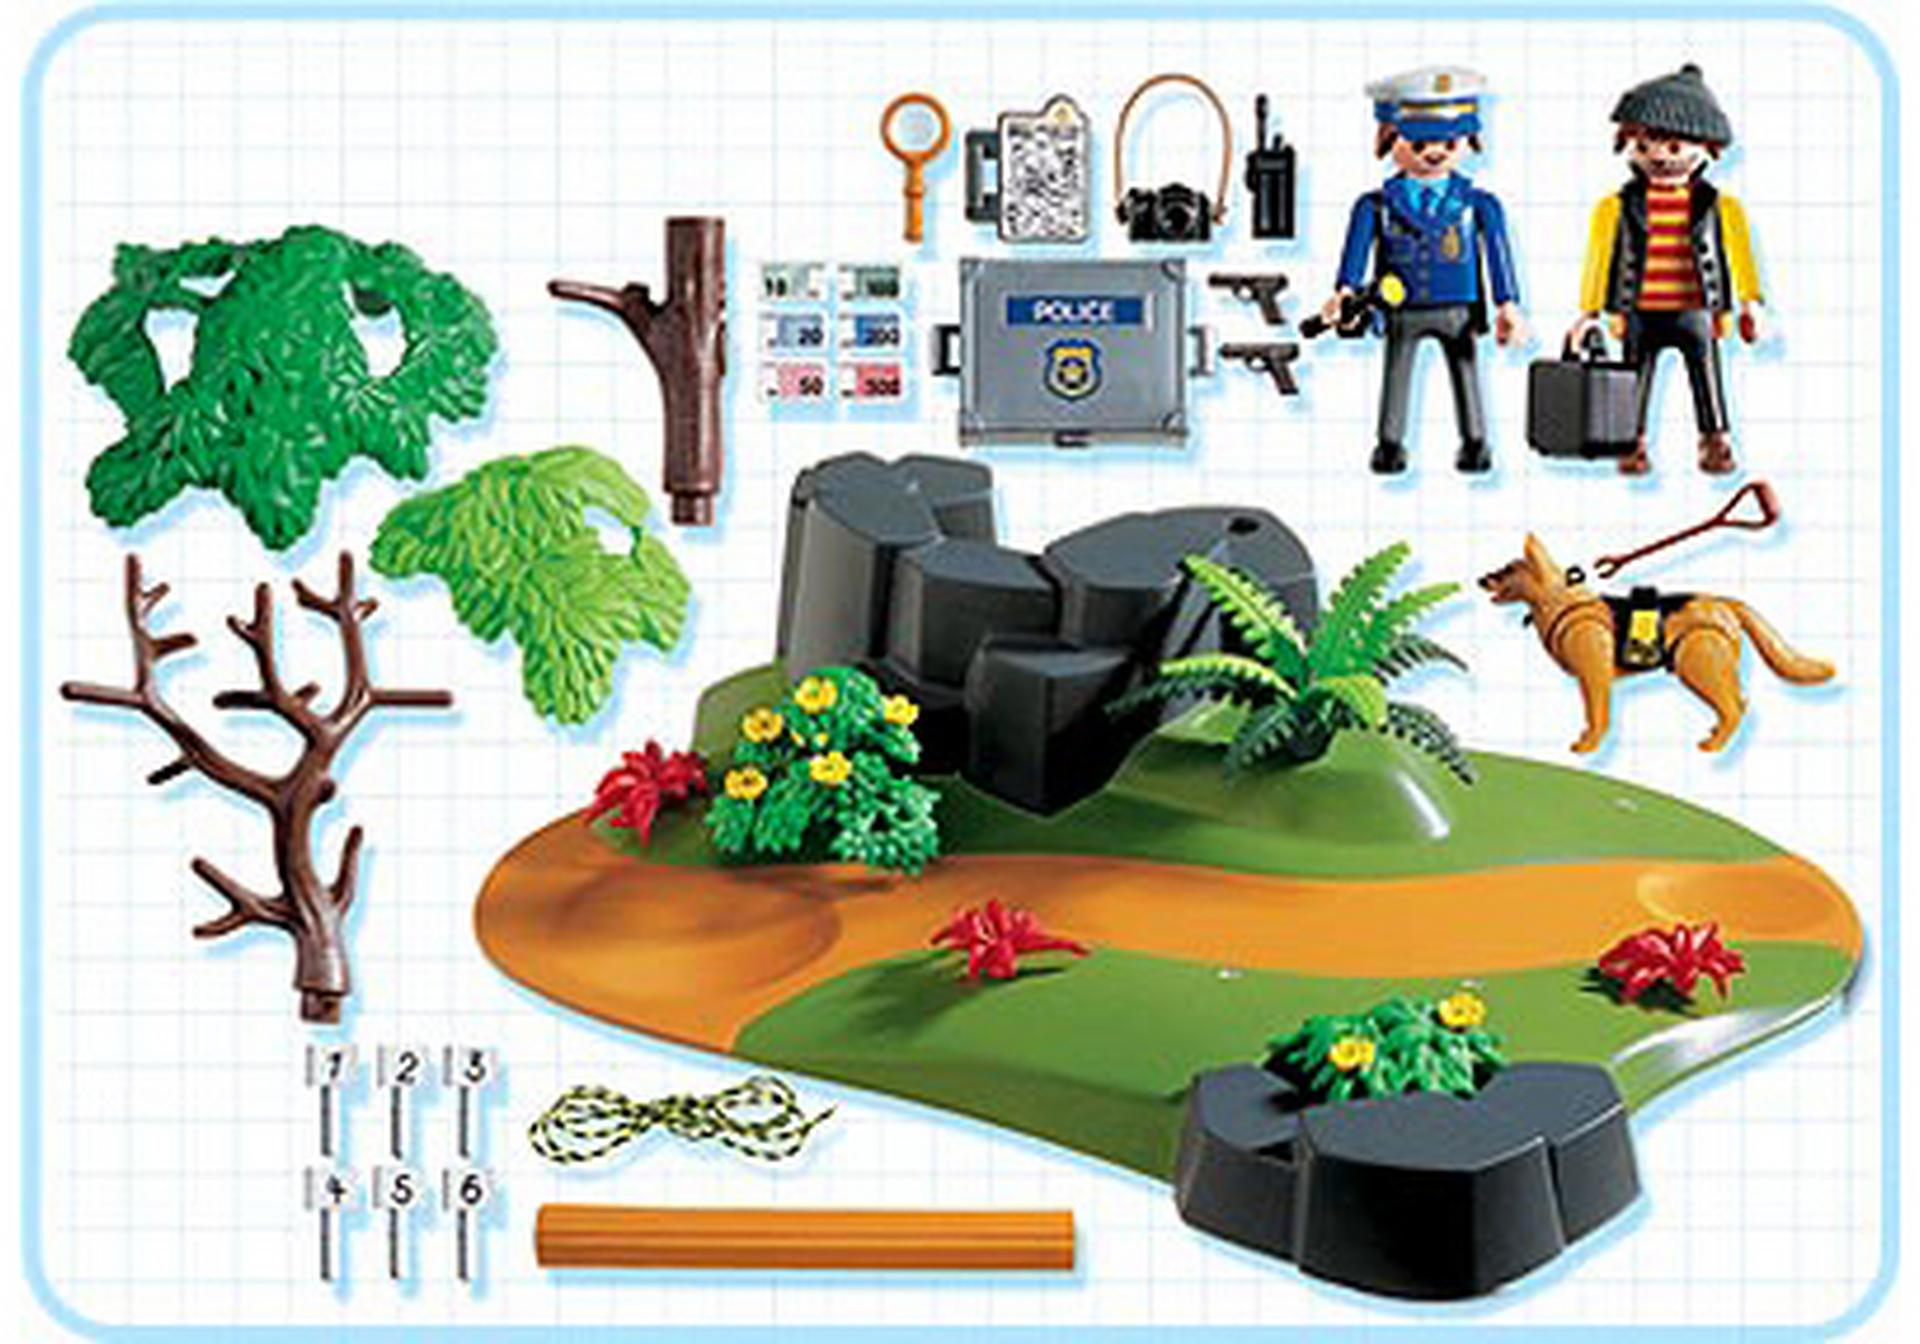 Polizei superset spurensicherung 3136 a playmobil for Jugendzimmer playmobil